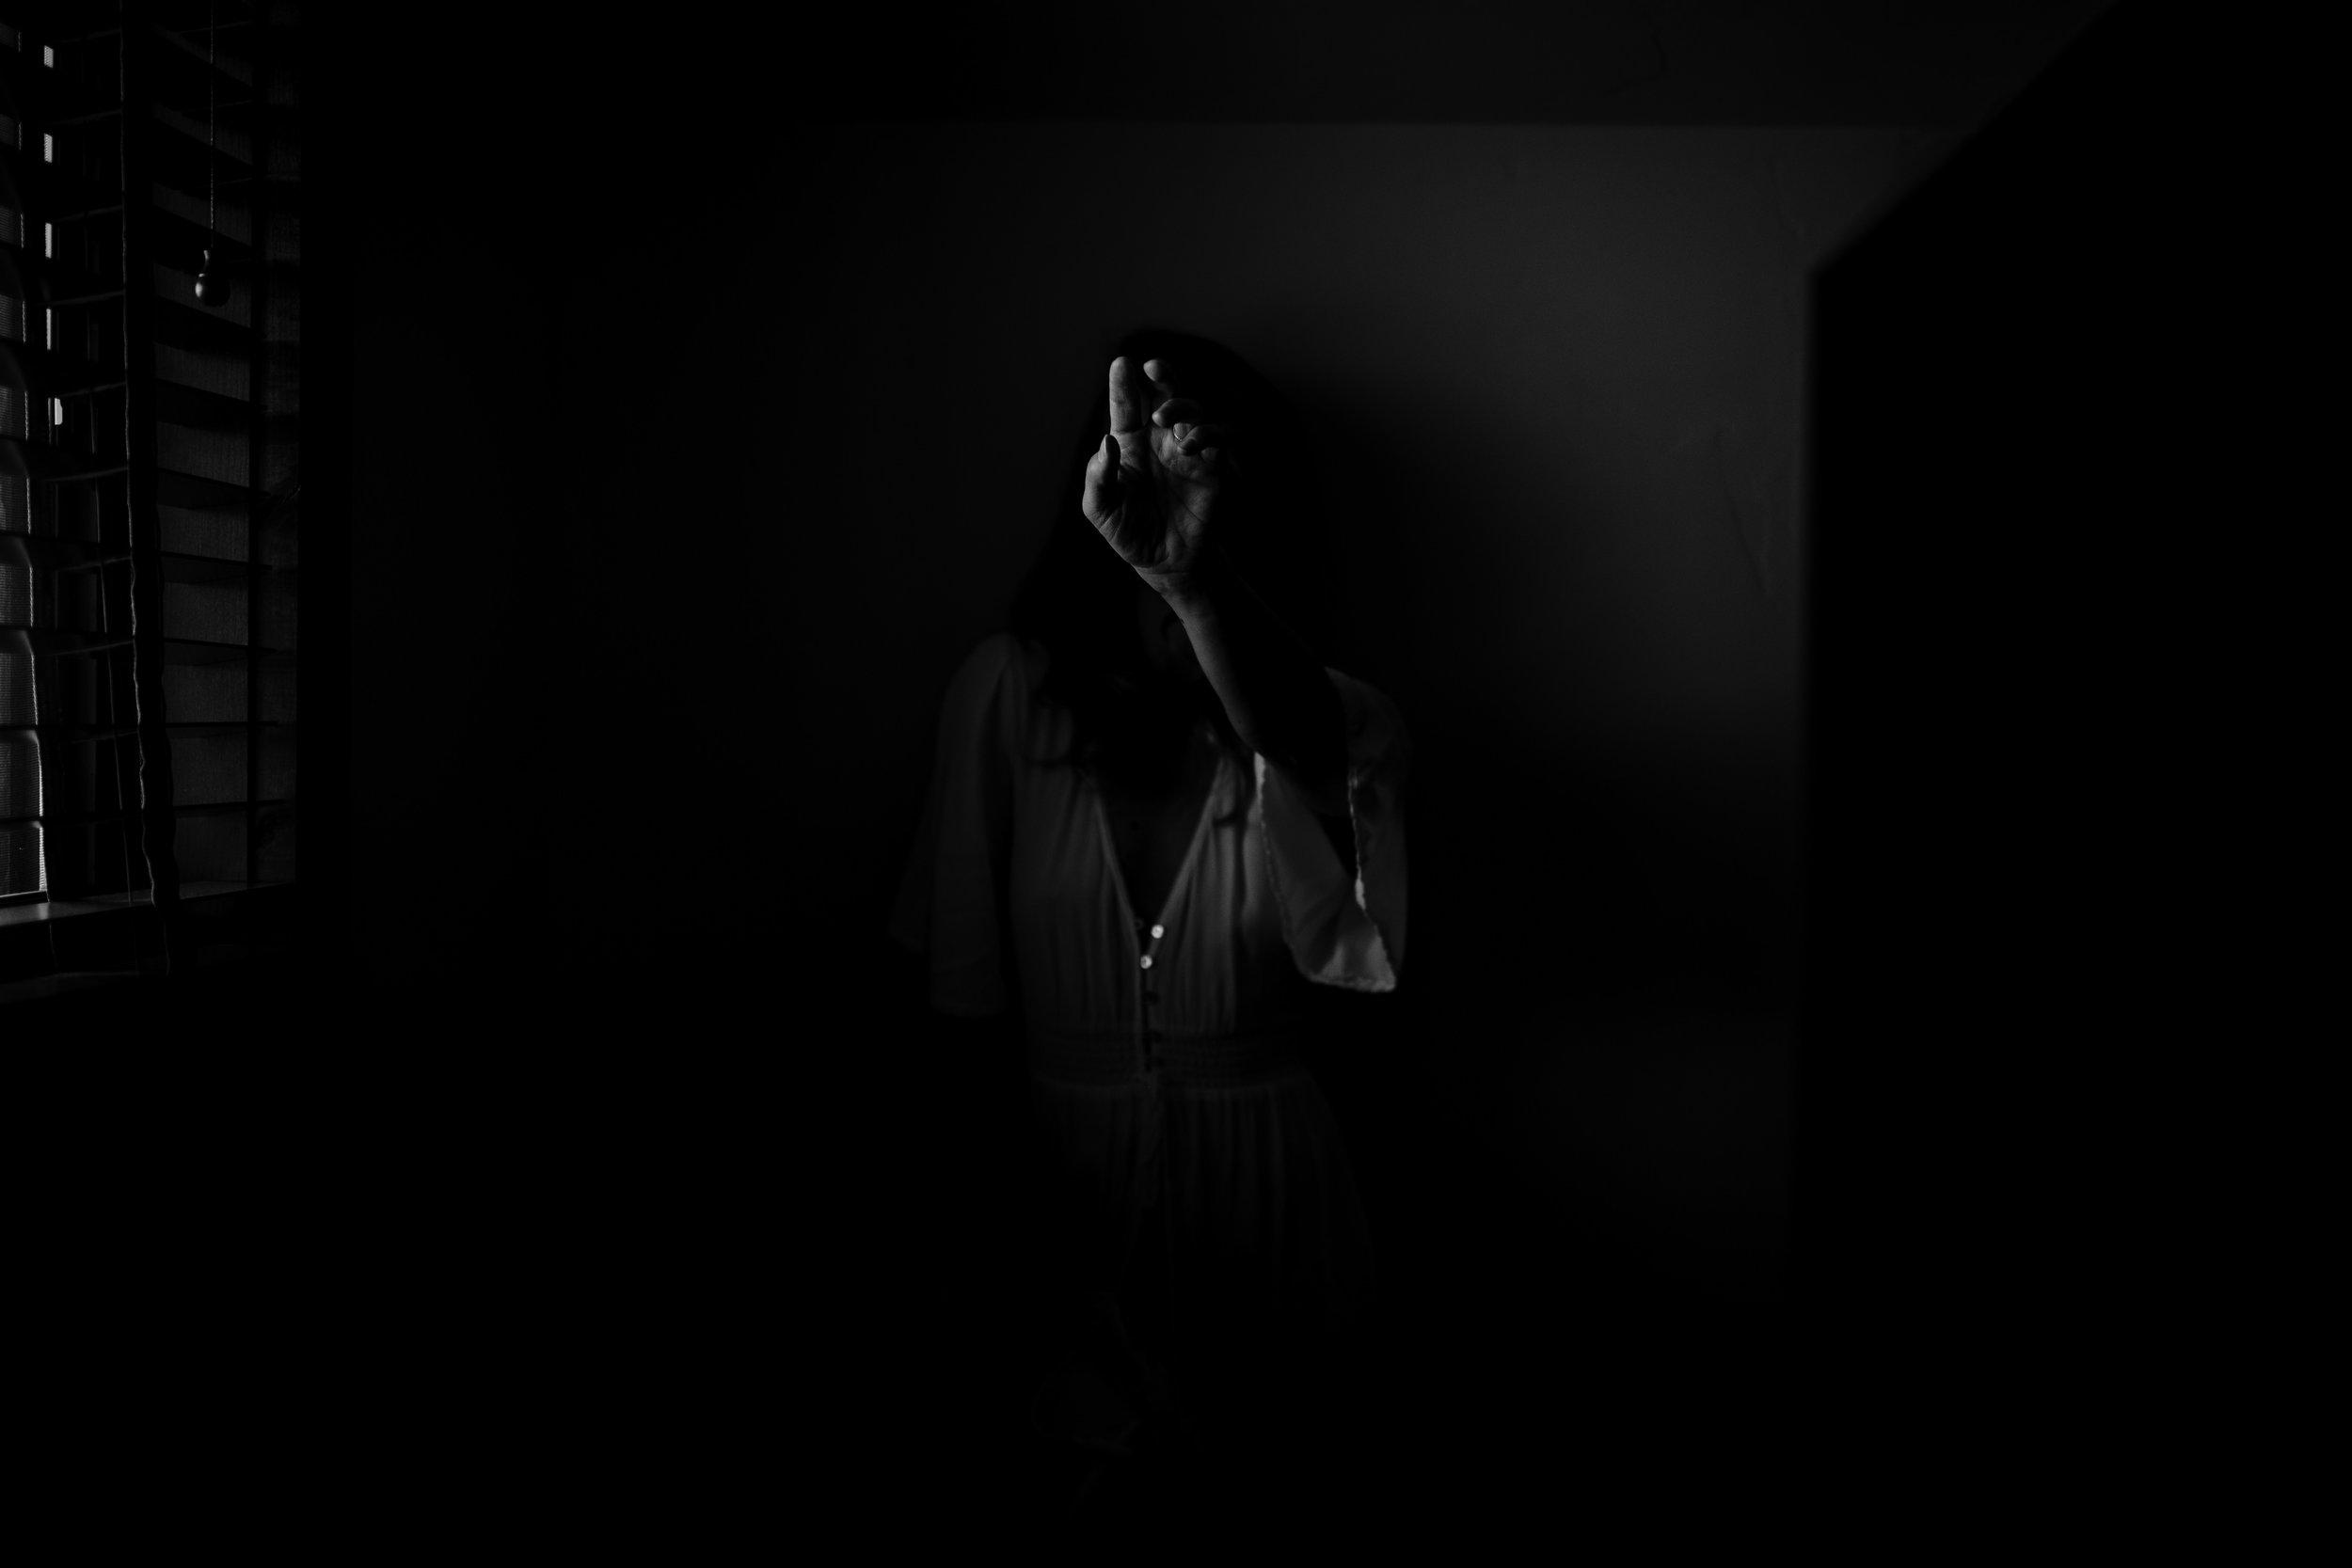 emotive-photographer-jessica-max-april-9.jpg